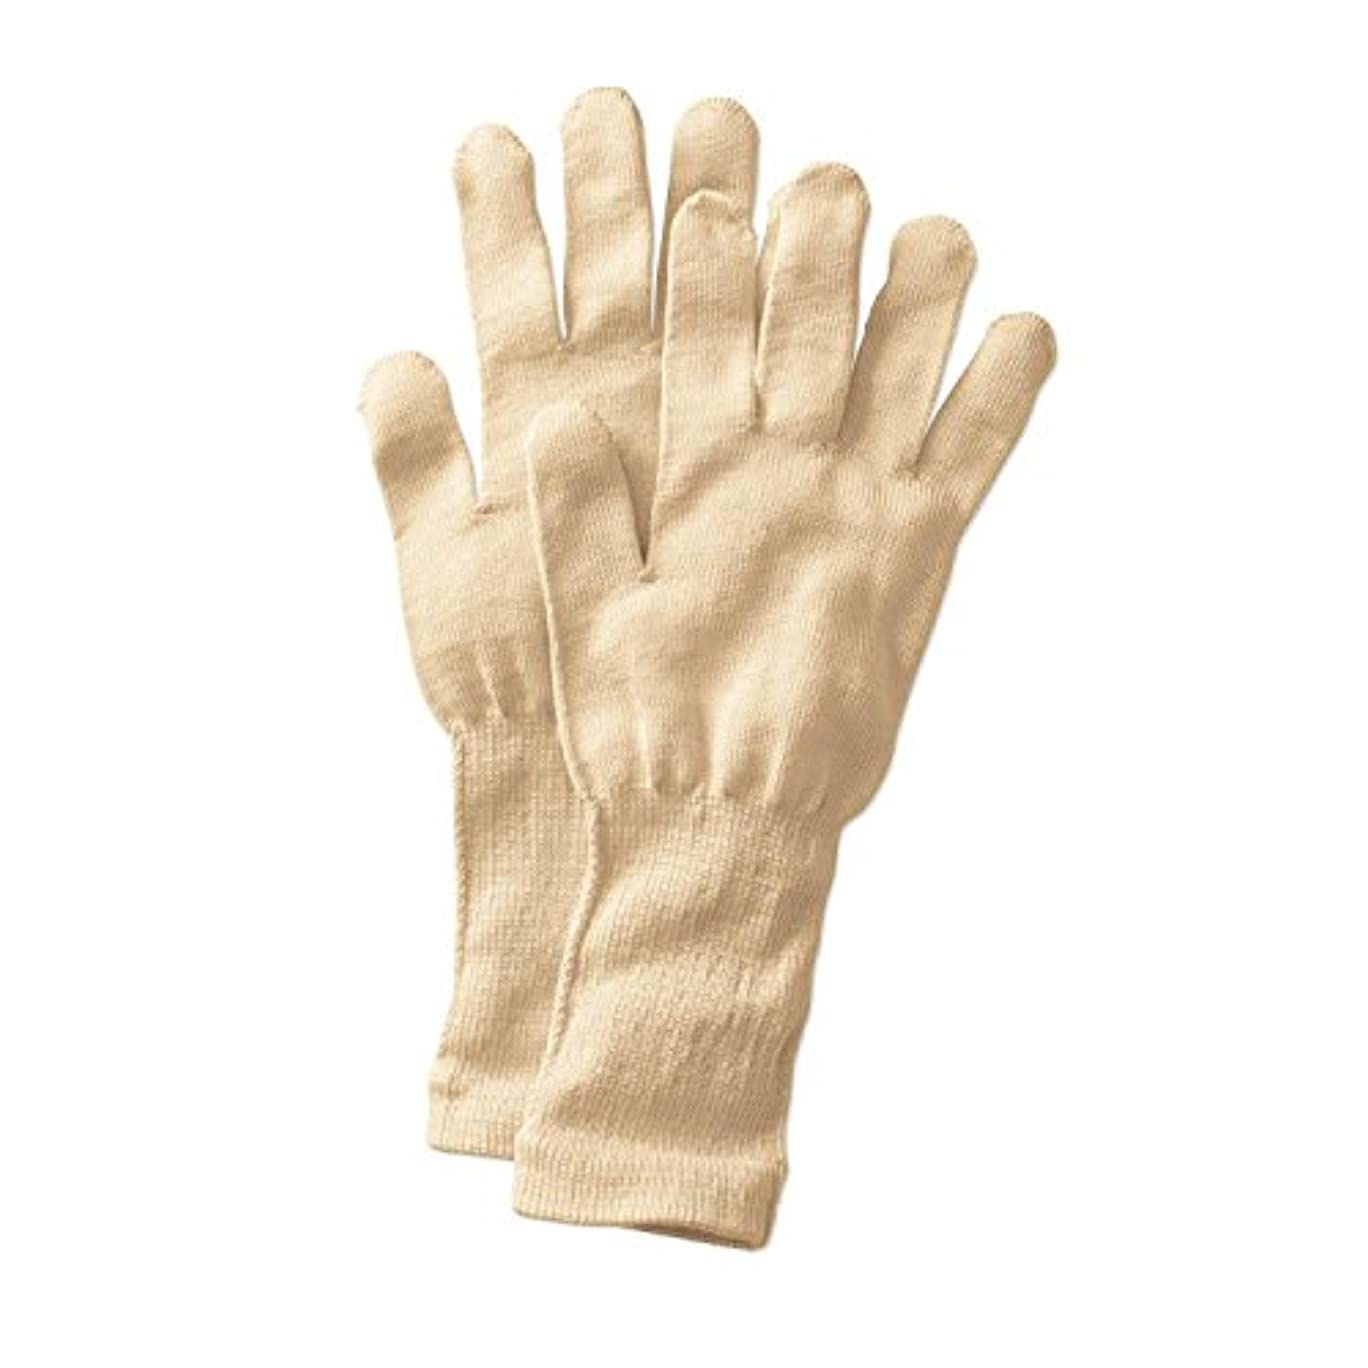 明確な回想繰り返す[ベルメゾン] 手袋 シルク 冷え取り おやすみ あったか /冷えとり日和365 クリーム